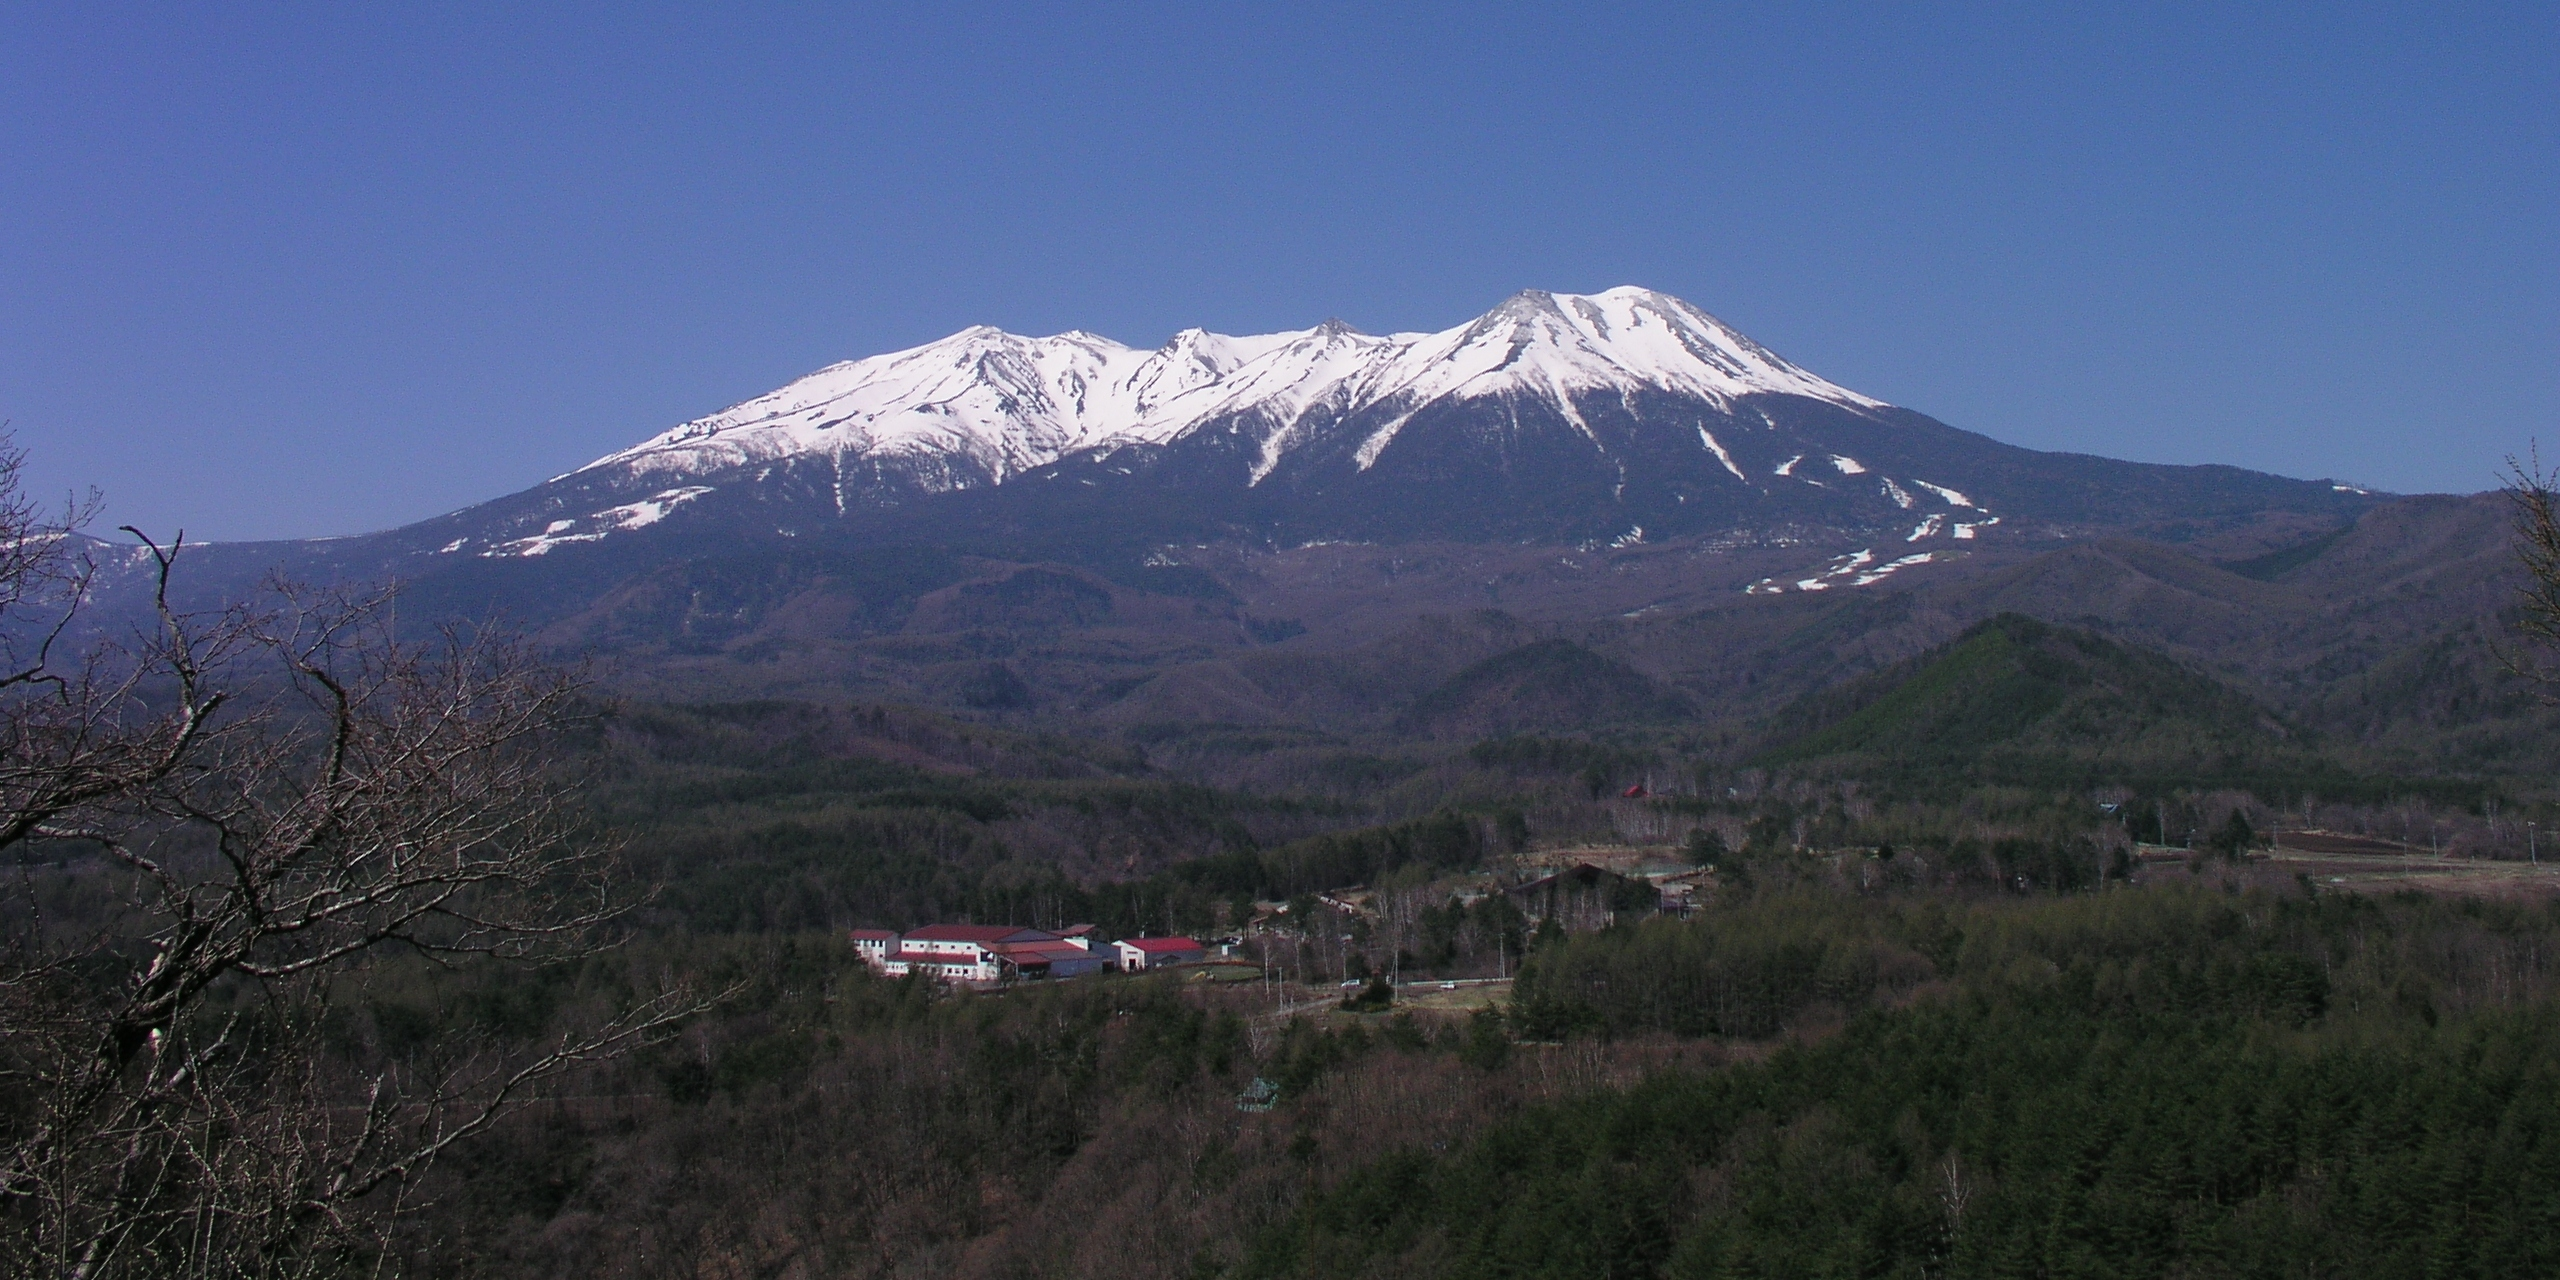 10 ภูเขาไฟน่าเที่ยวในญี่ปุ่น-ภูเขาไฟออนตาเกะ